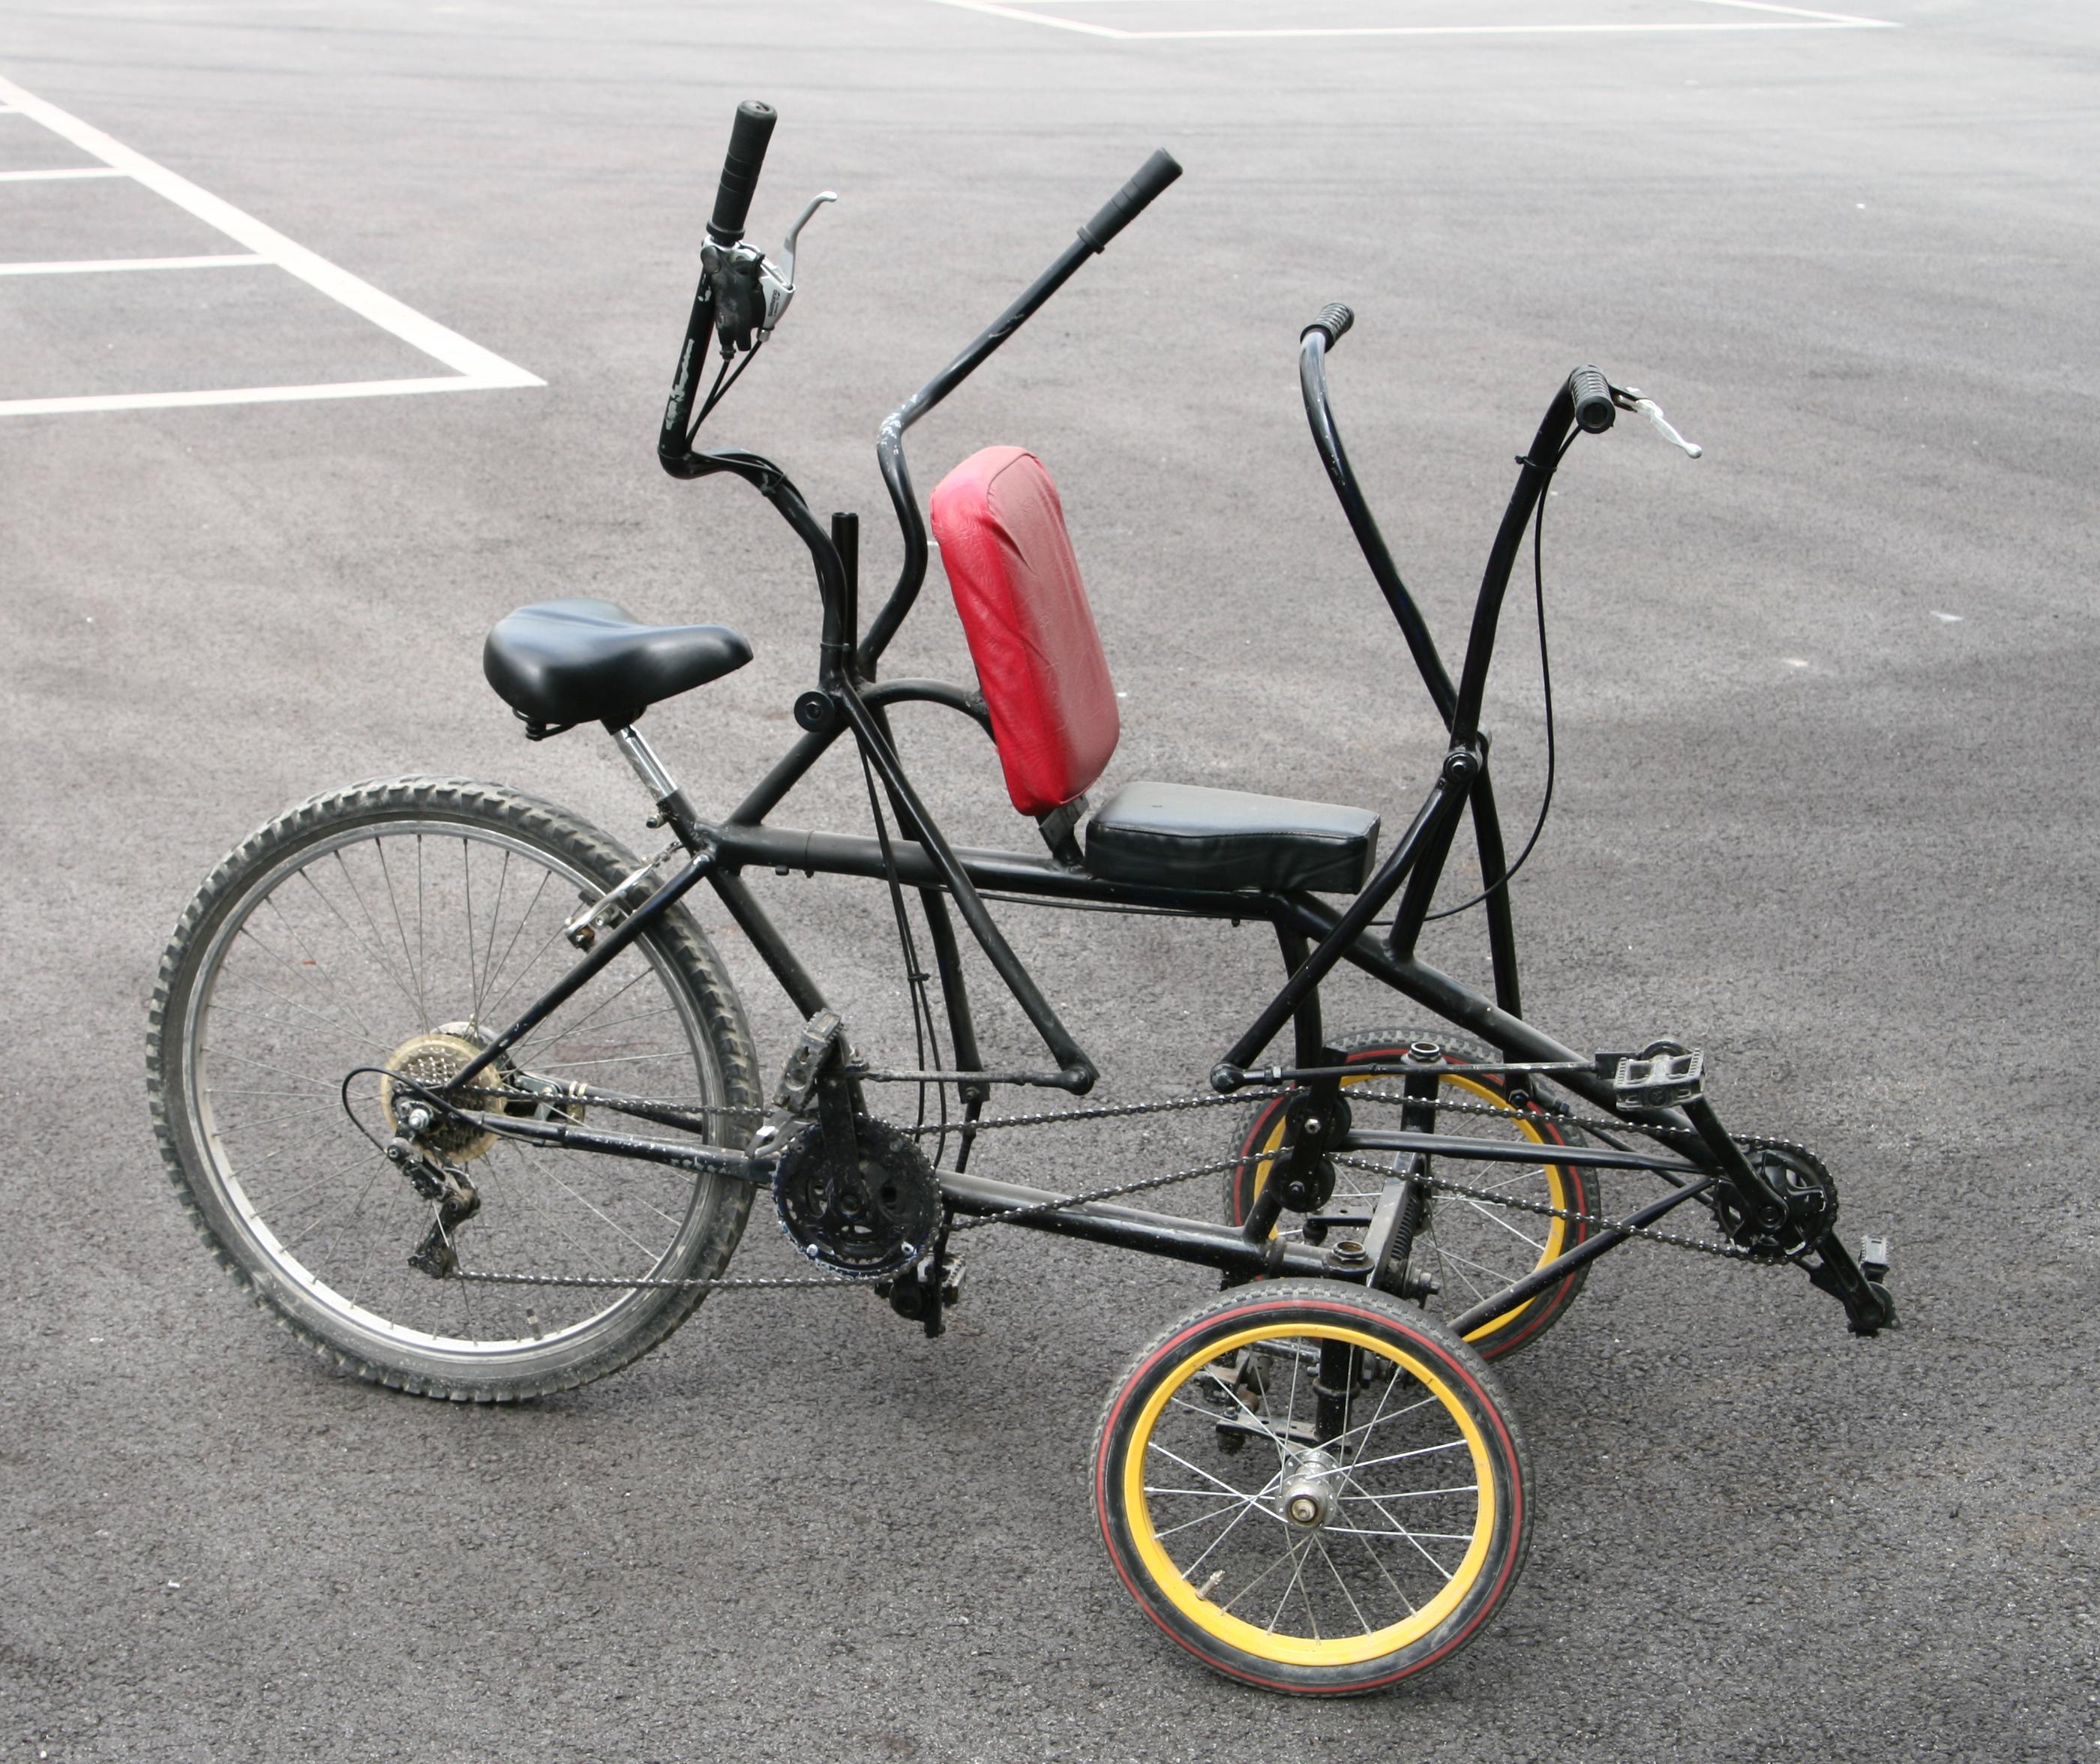 Tandem bicycle